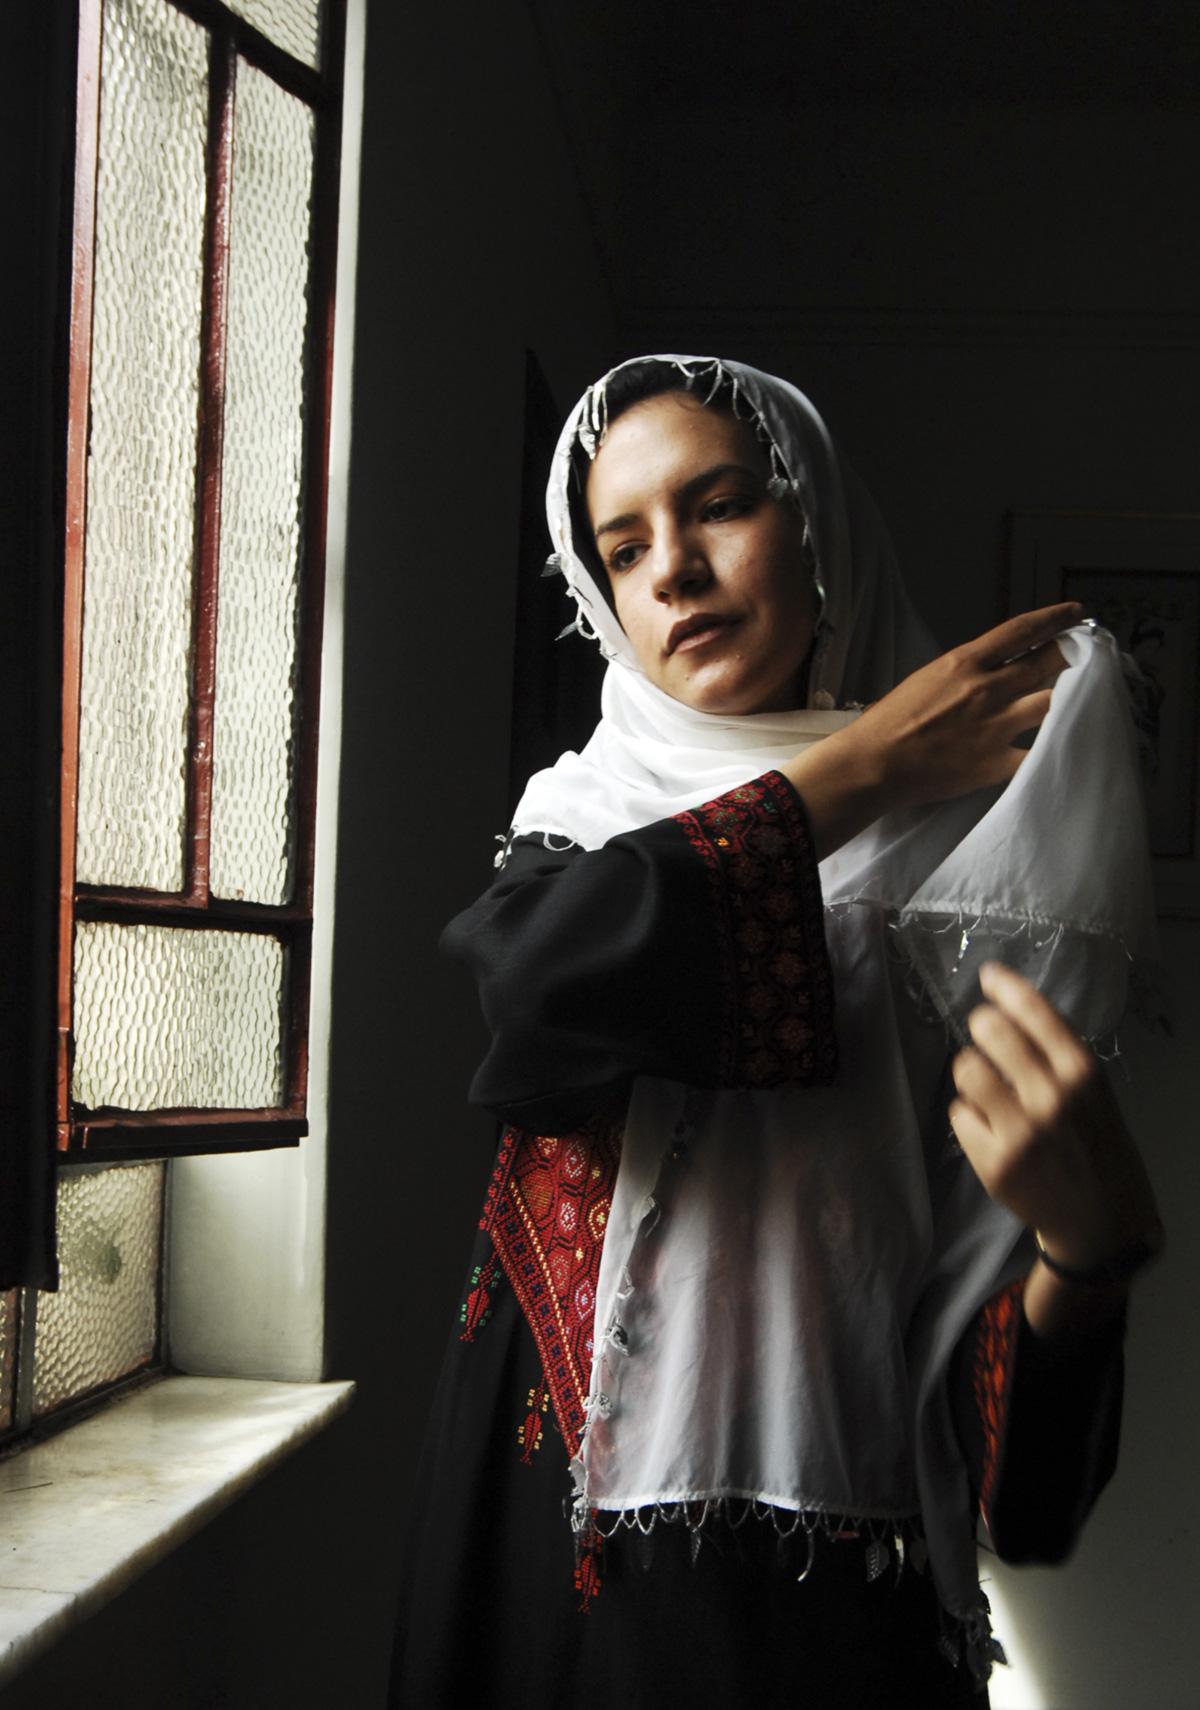 """Meio ano após aportar em Mogi, a jovem palestina constata: """"Não saber falar português é estar numa prisão de muros altos da qual não consigo escapar e onde morrerei, se não sair"""""""